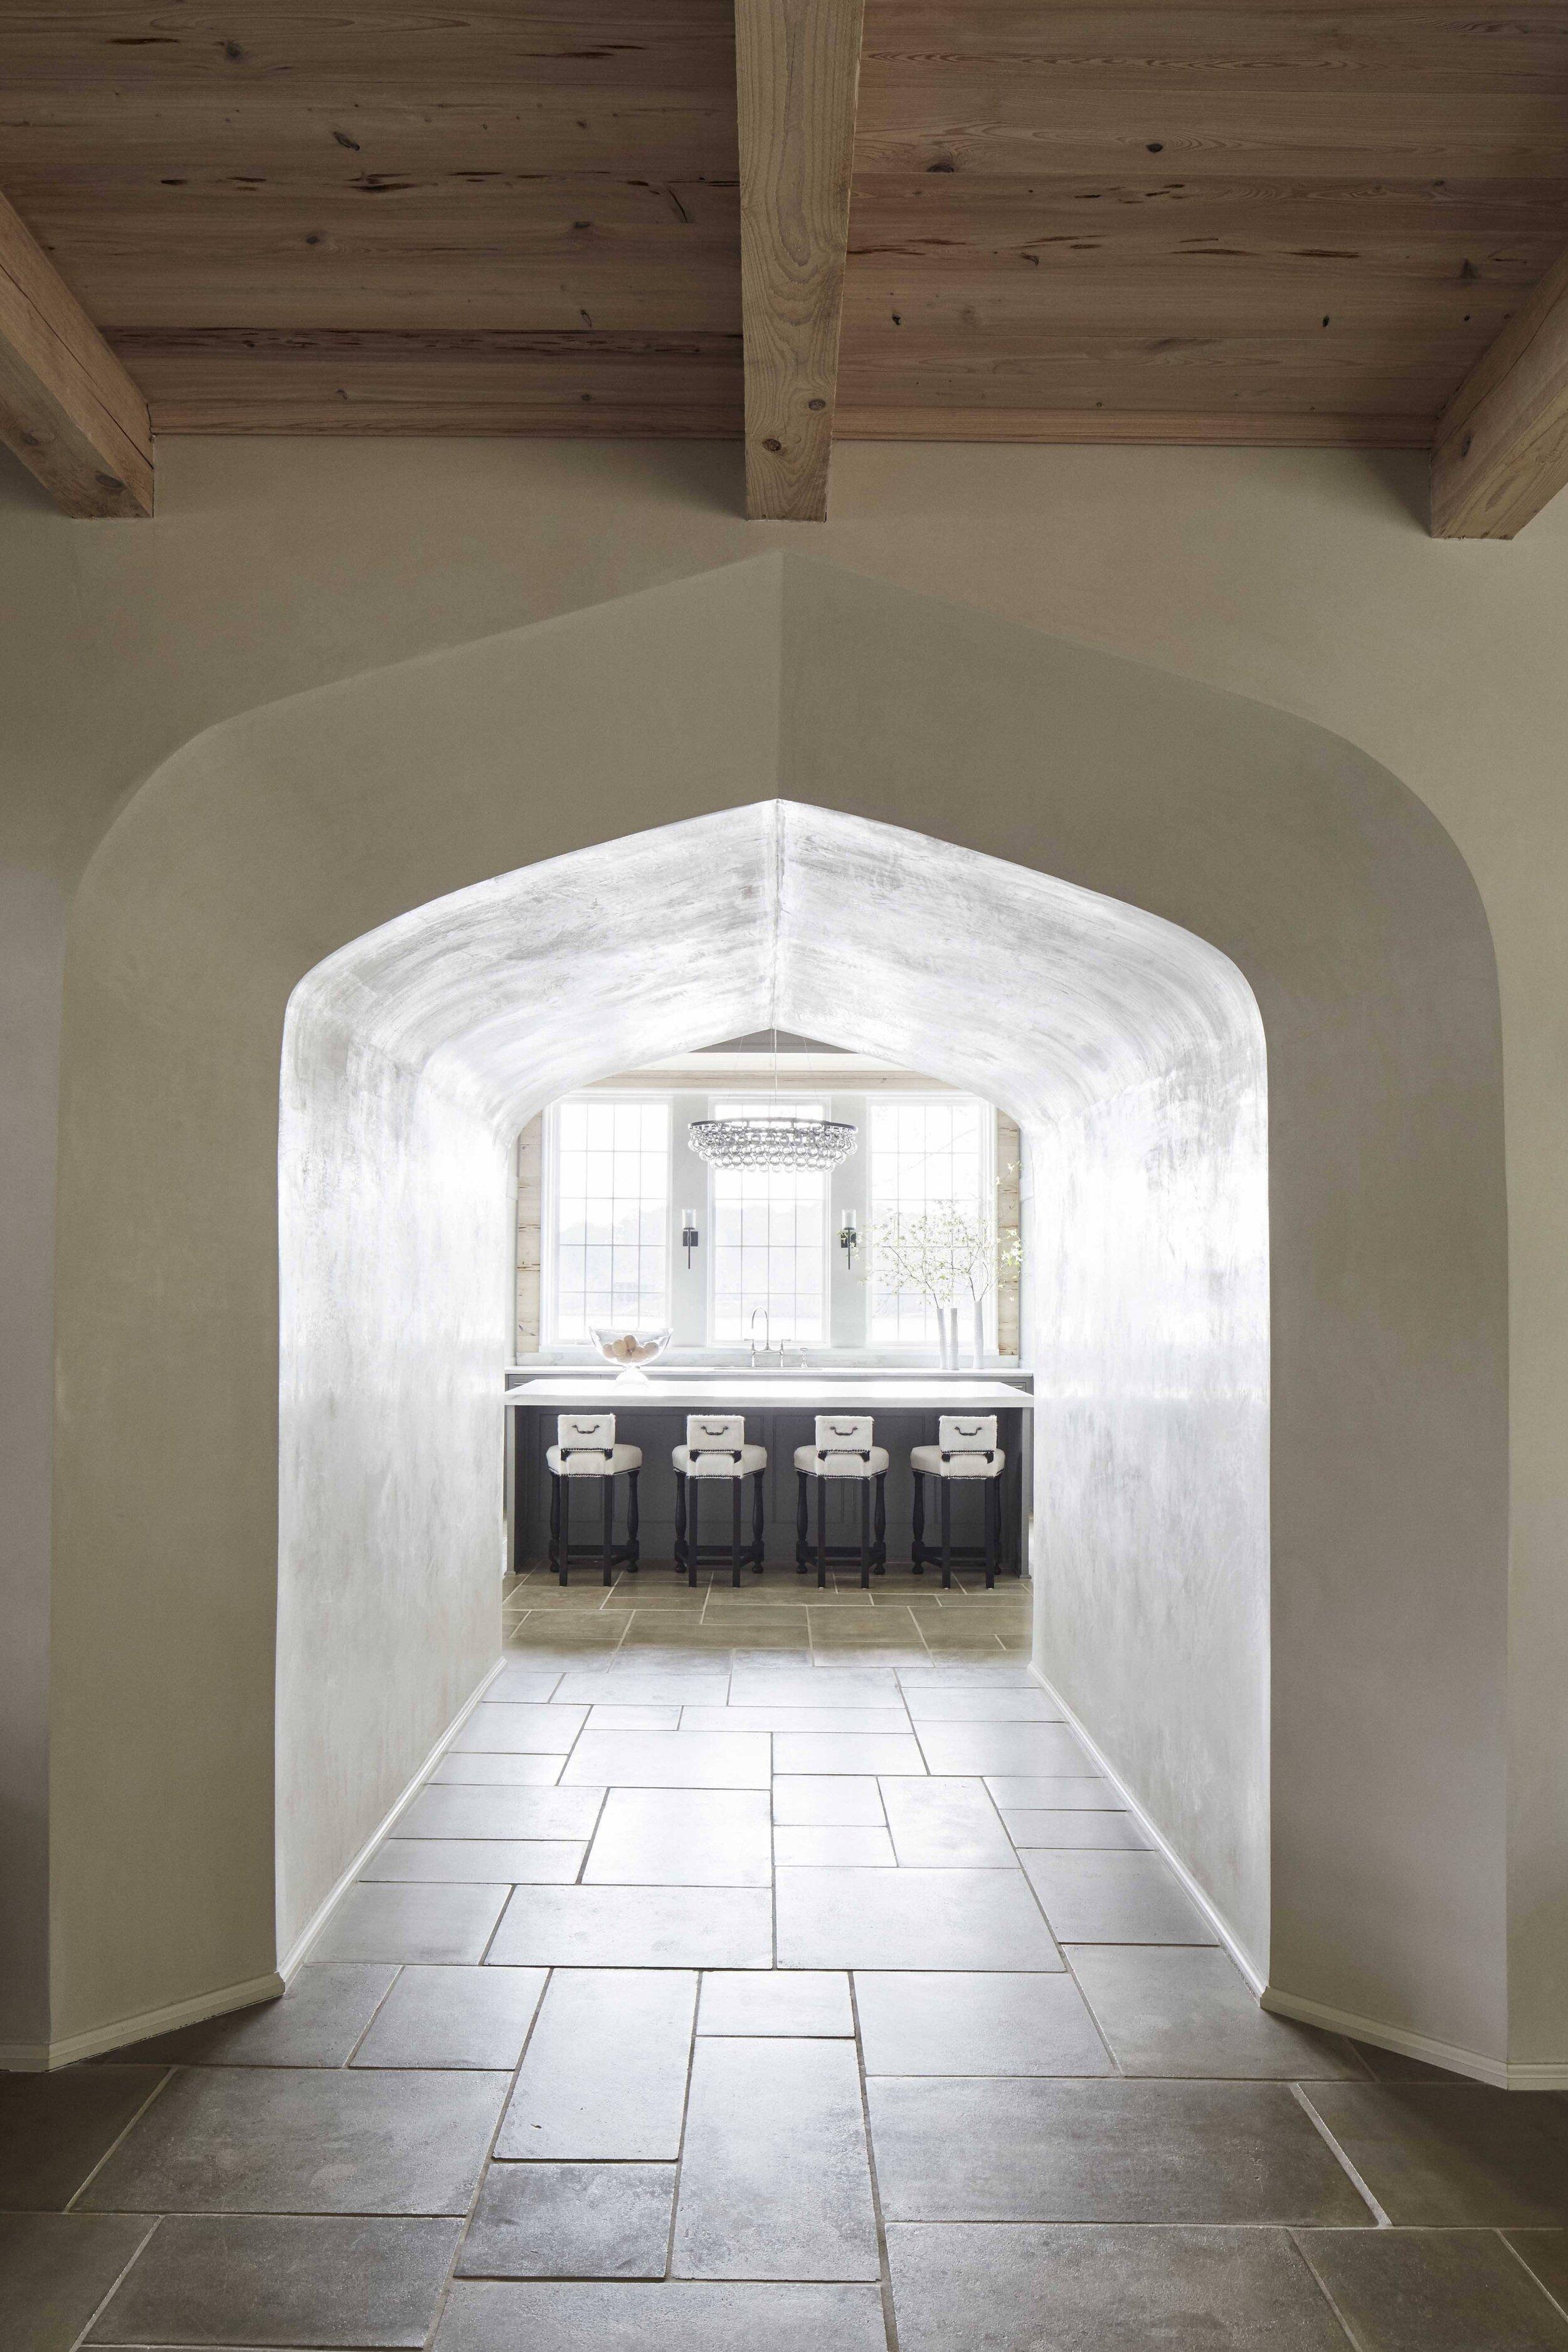 Design by Jeffery Dungan Architects, Lakeside Retreat Project